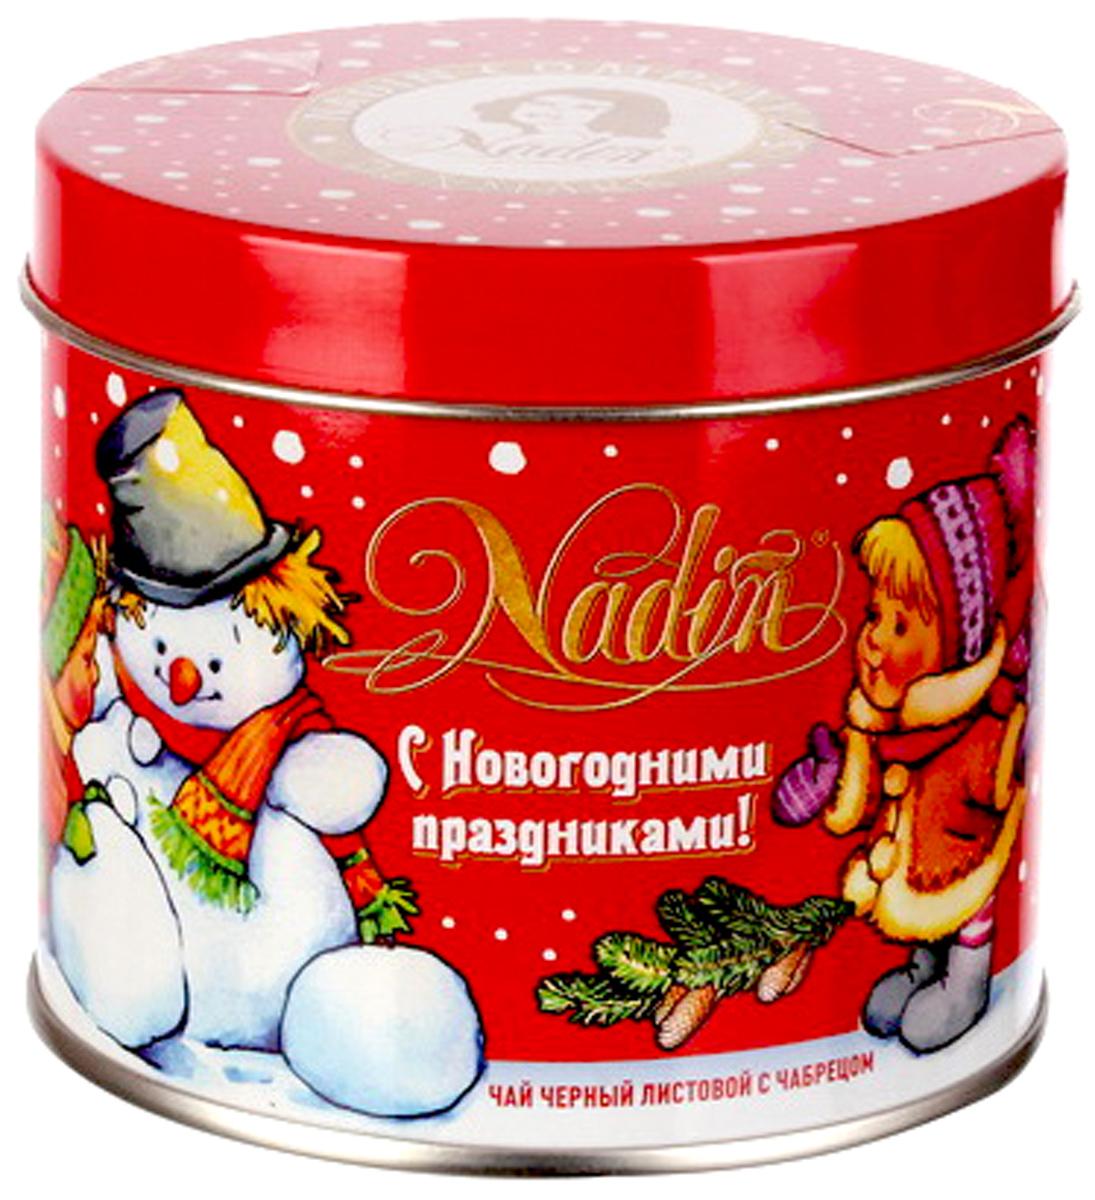 Nadin С Новогодними праздниками! чай черный листовой, 50 г дольче вита с рождеством христовым черный листовой чай 170 г